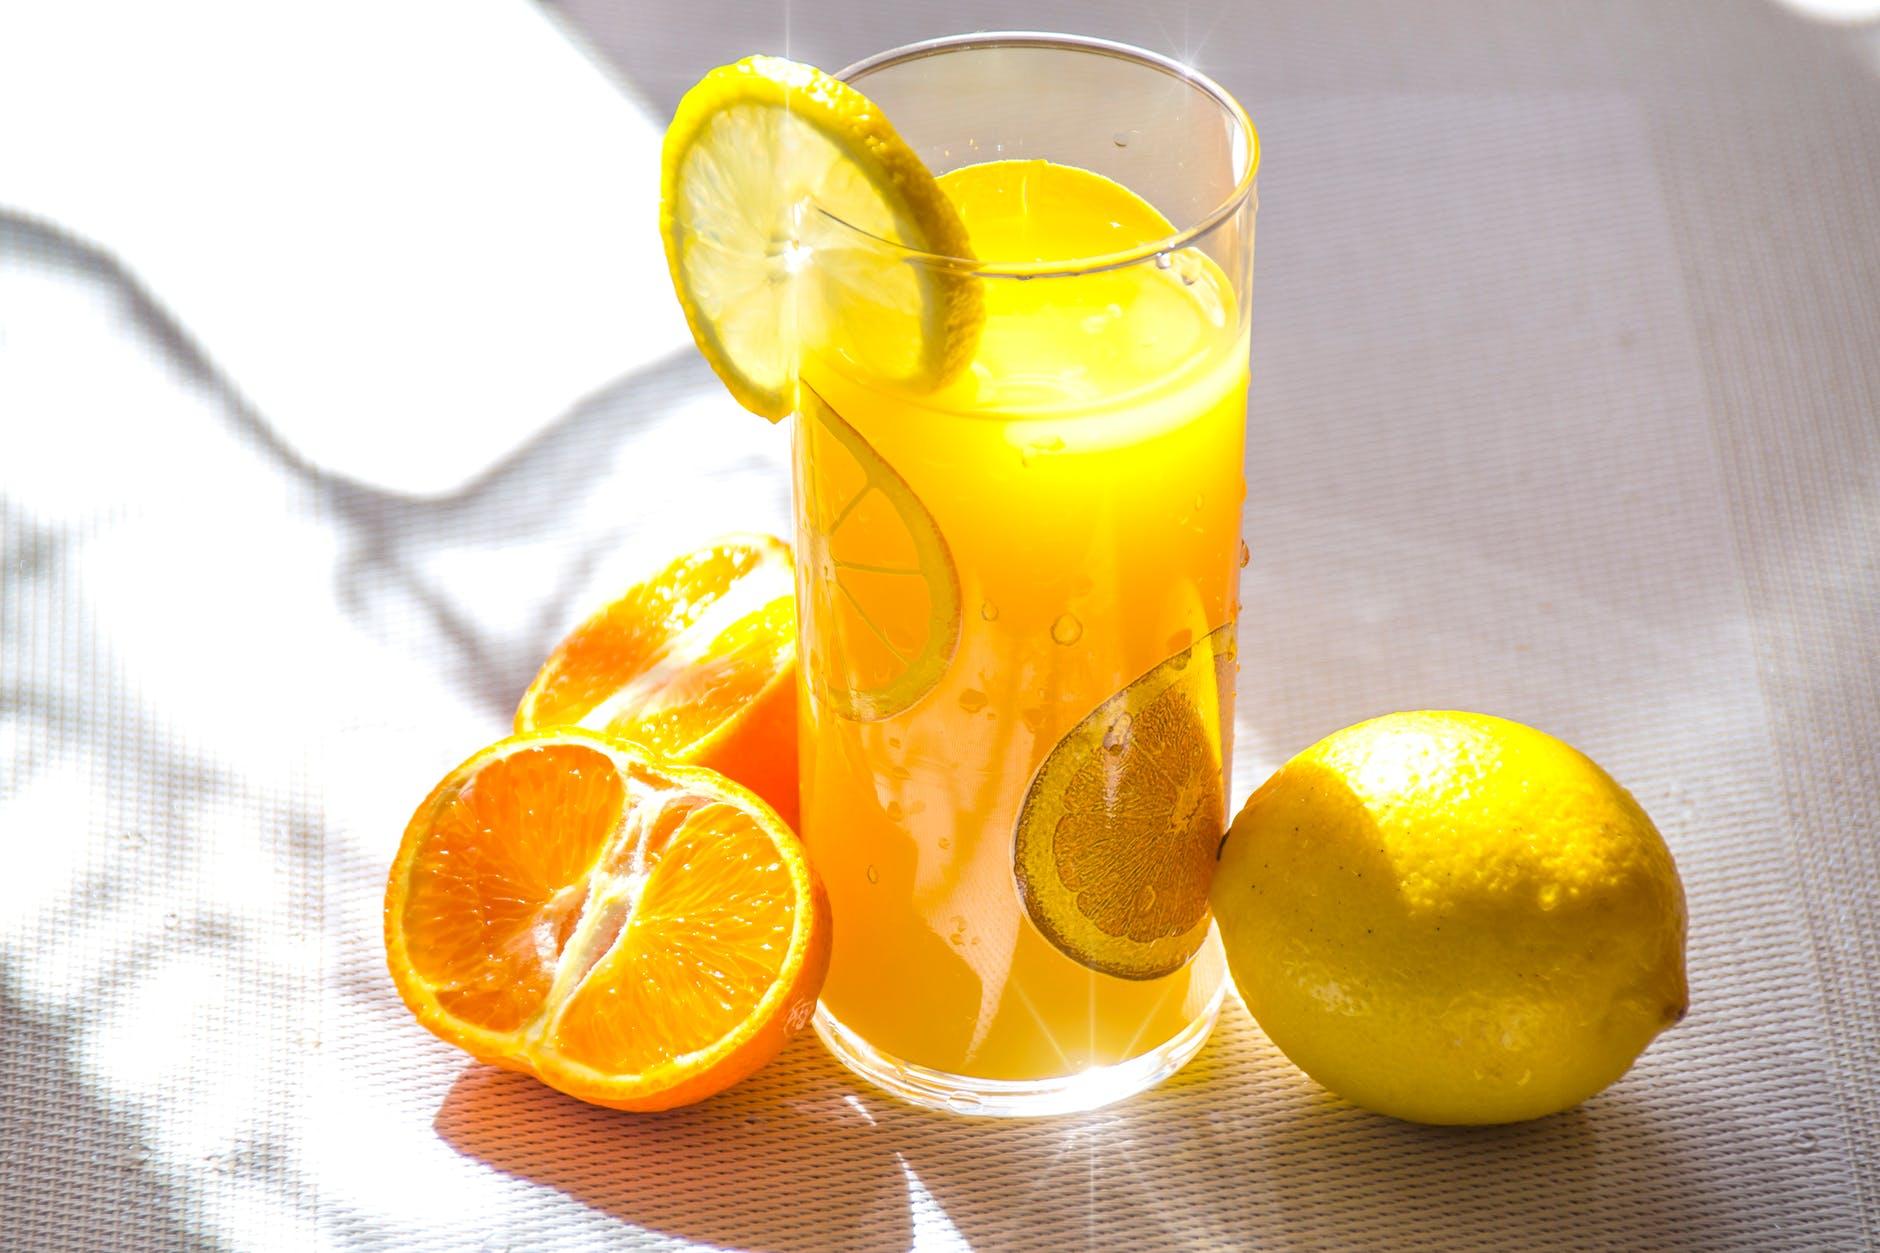 Suco de limão, a bebida que promove a perda de peso e desperta o sistema digestivo